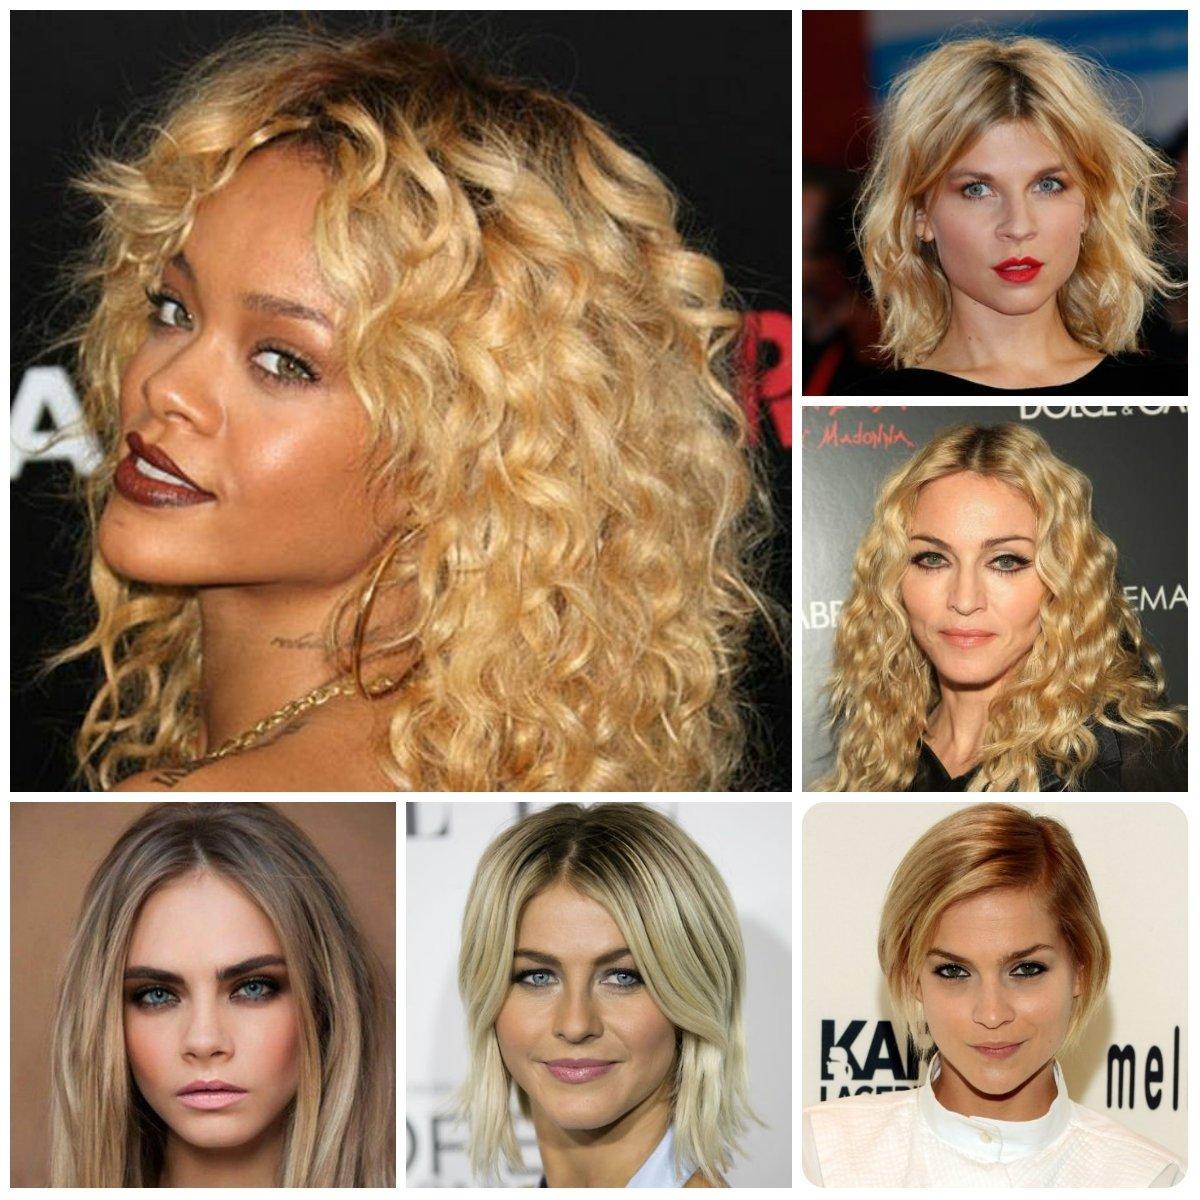 10 Pretty Warm Skin Tone Hair Color Ideas blonde hair colors for fair skin tone hair fashion online 2020